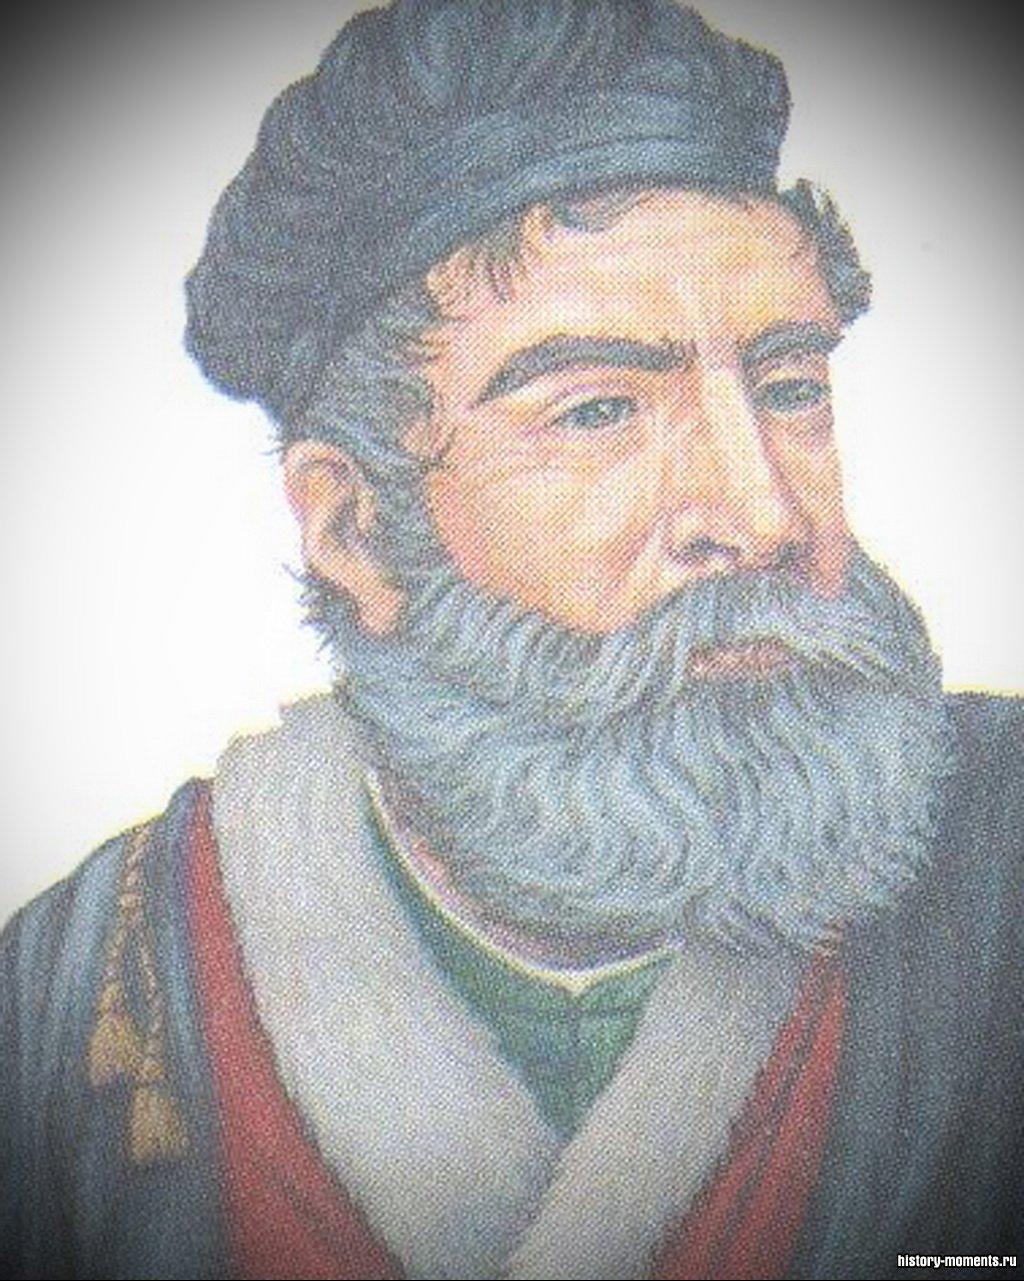 Итальянский купец Марко Поло несколько лет провел во дворце монгольского императора Хубилая в 70-х гг. XIII в.